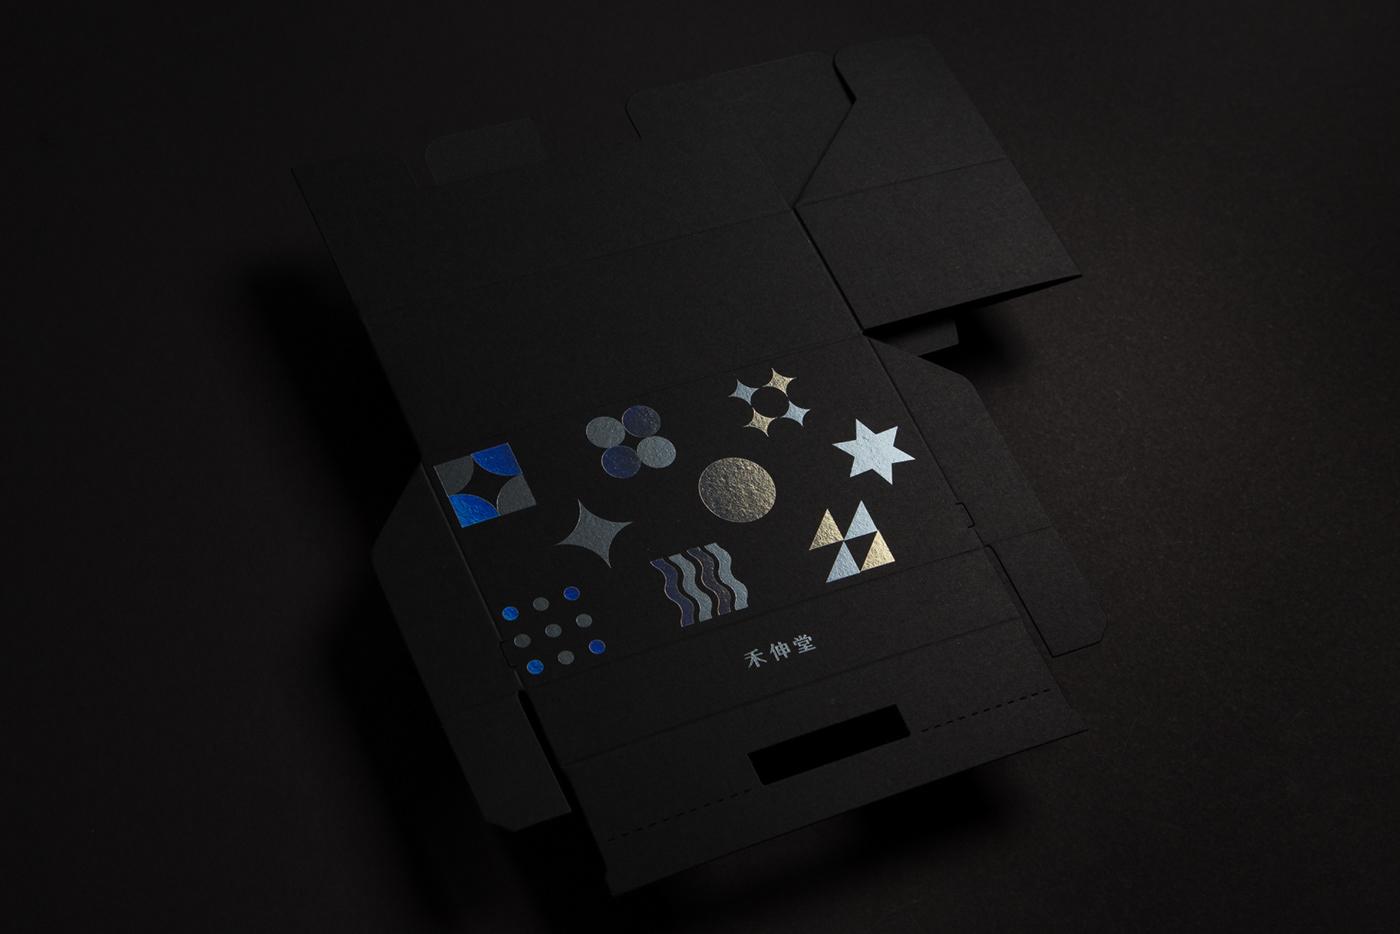 礼品包装设计